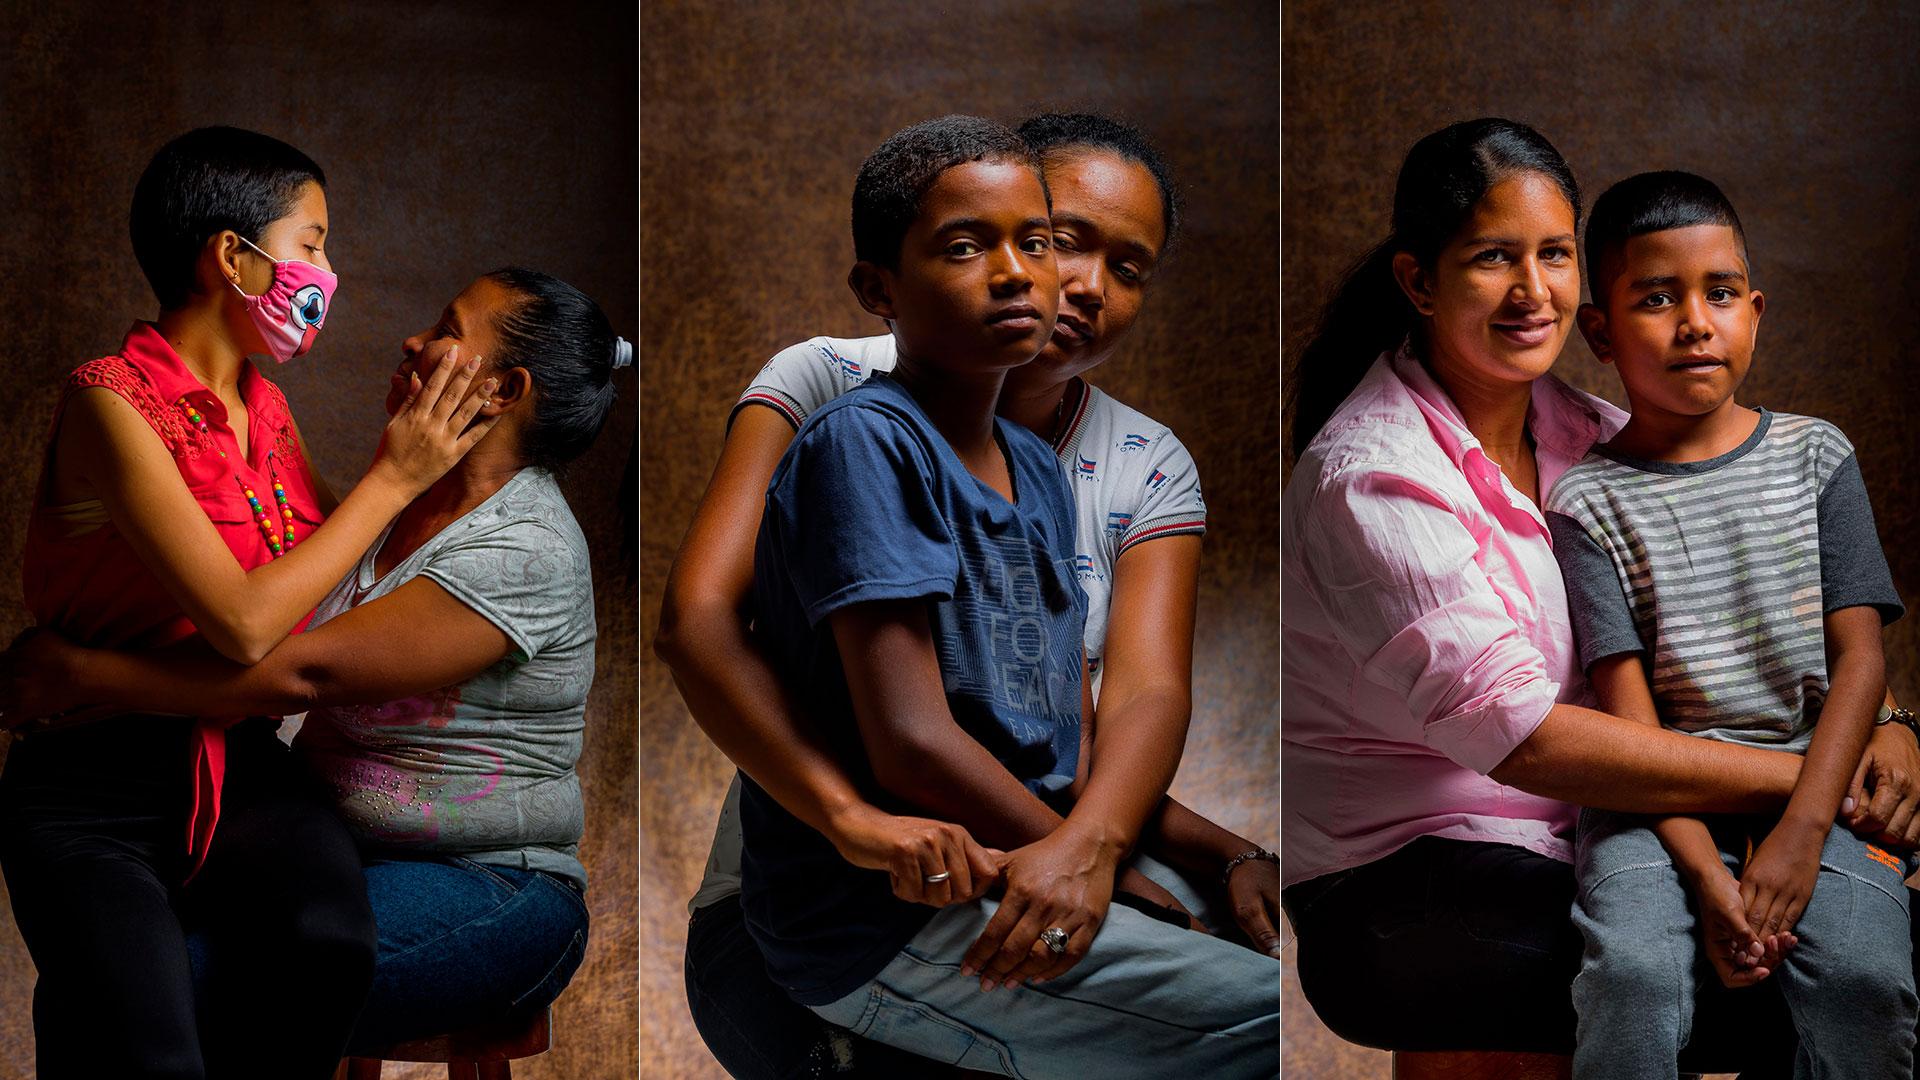 Son 26 niños venezolanos con leucemia y otras patologías que esperan un trasplante de médula ósea para salvar sus vidas (EFE)